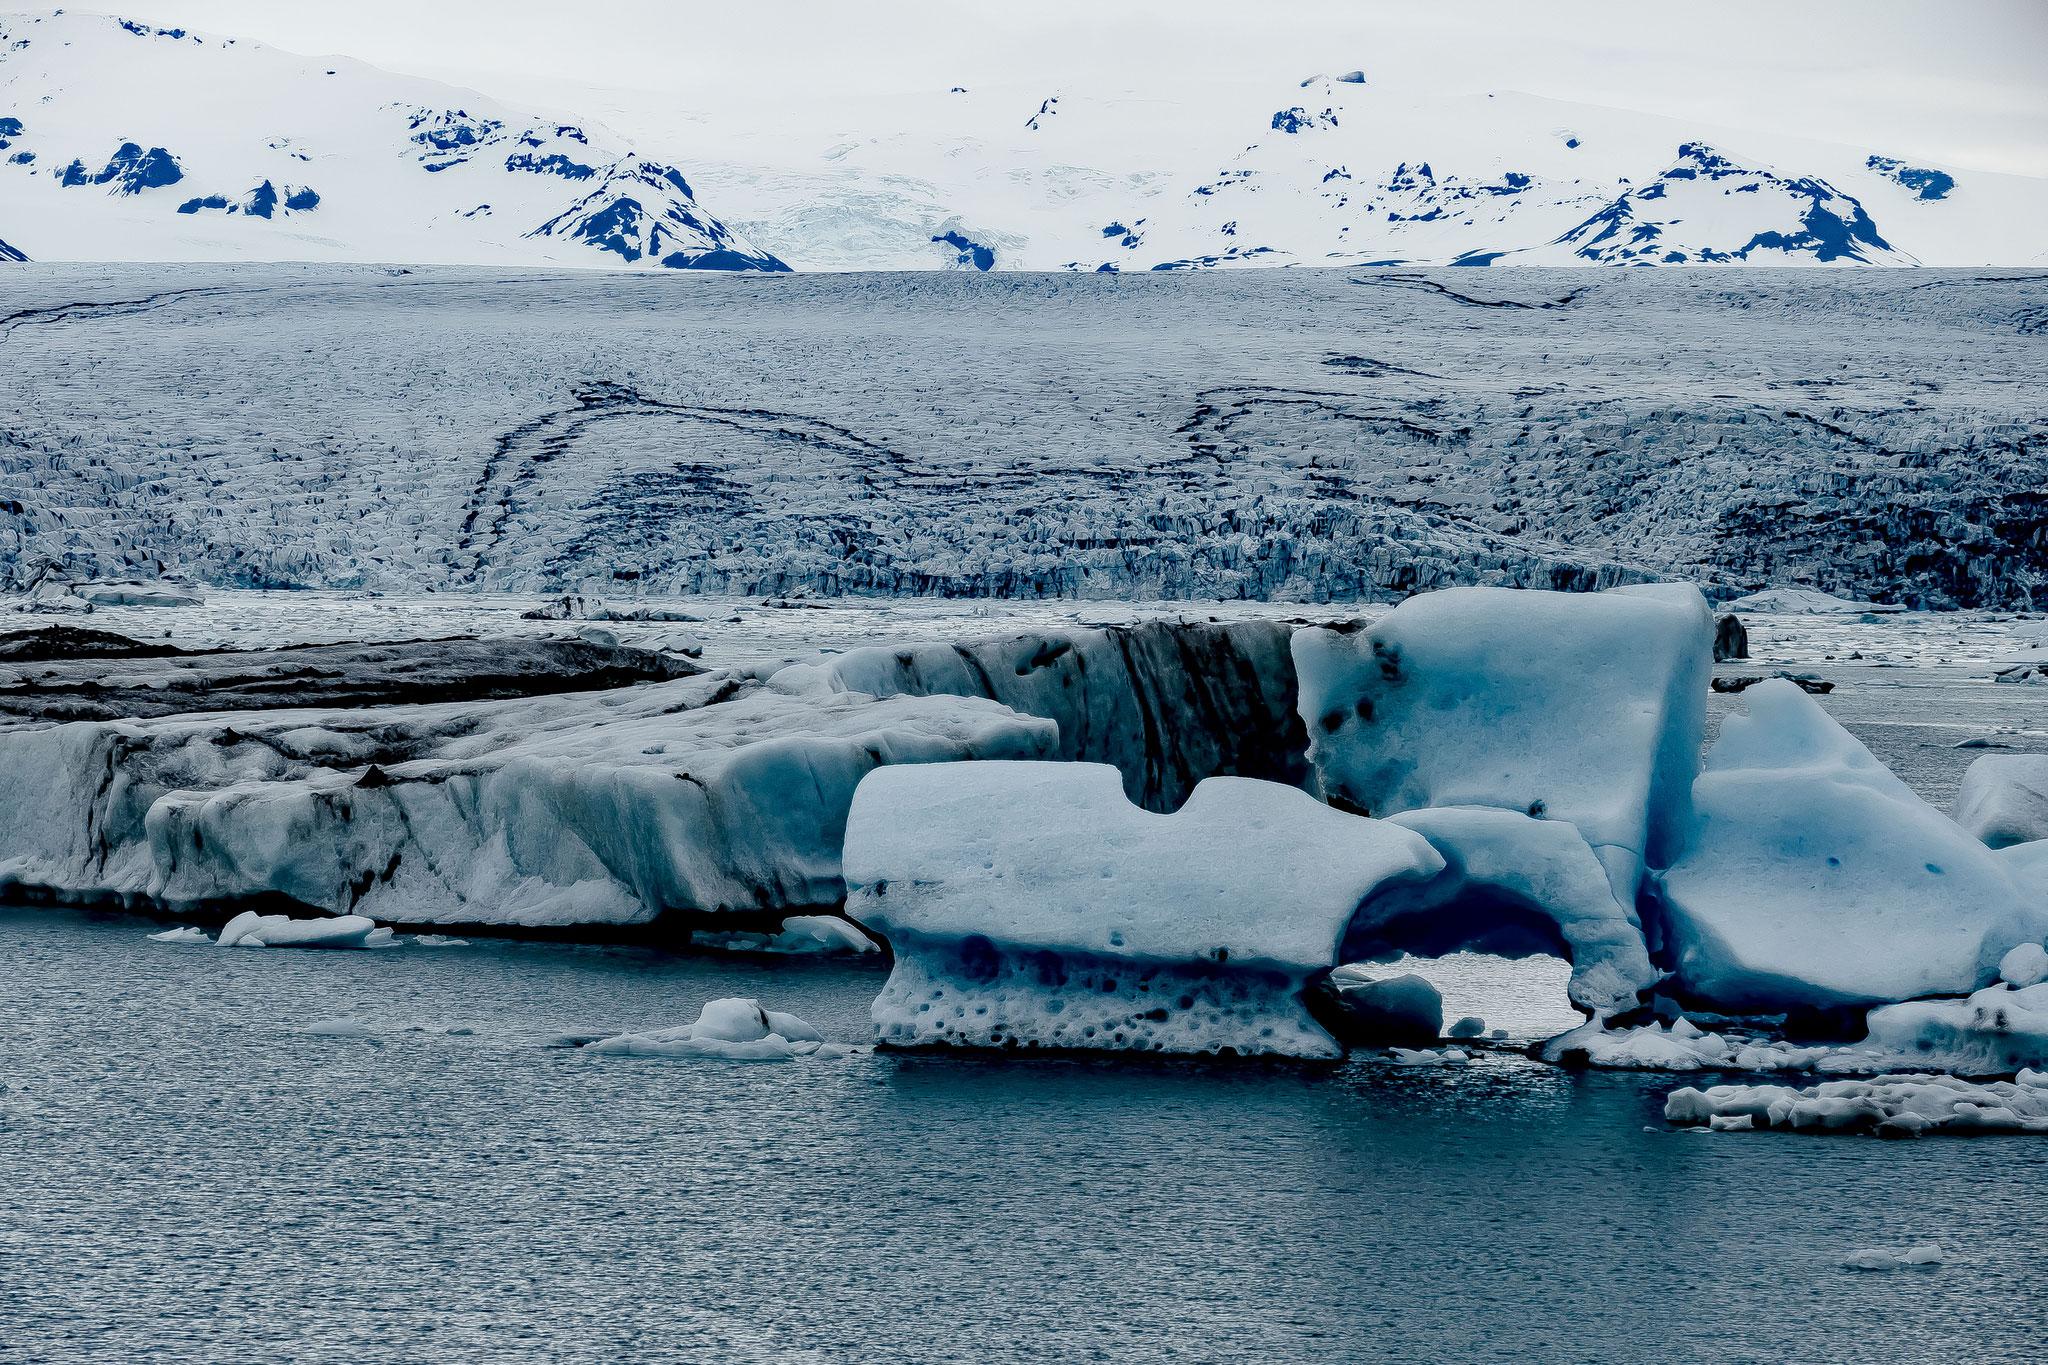 Große Eisblöcke bröckeln vom schrumpfenden Gletscher ab.